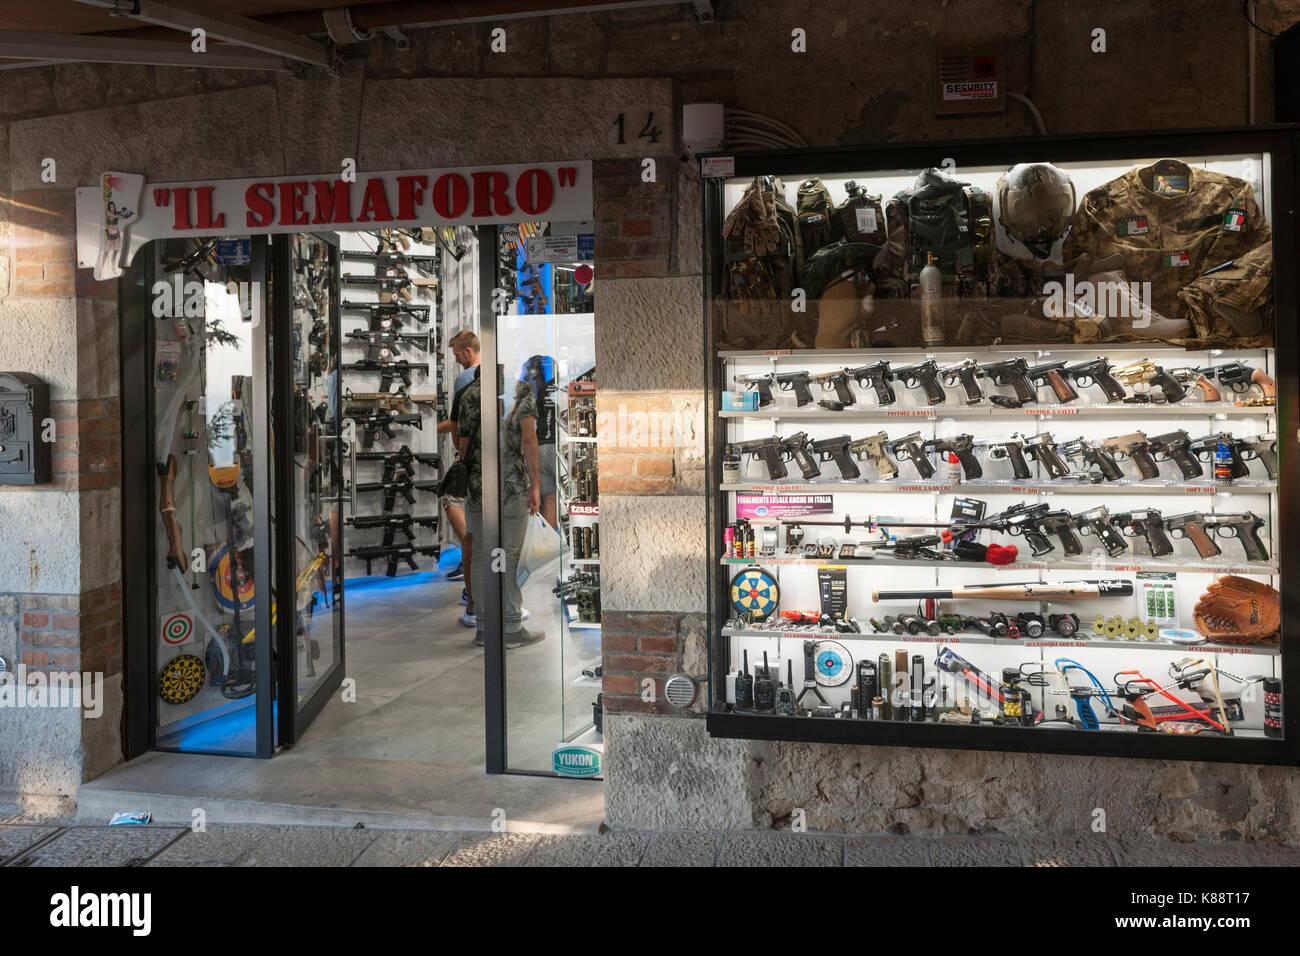 Eine der zahlreichen Geschäfte im Luftgewehre und Replika Waffen spezialisiert in der Altstadt von San Marino. Stockbild